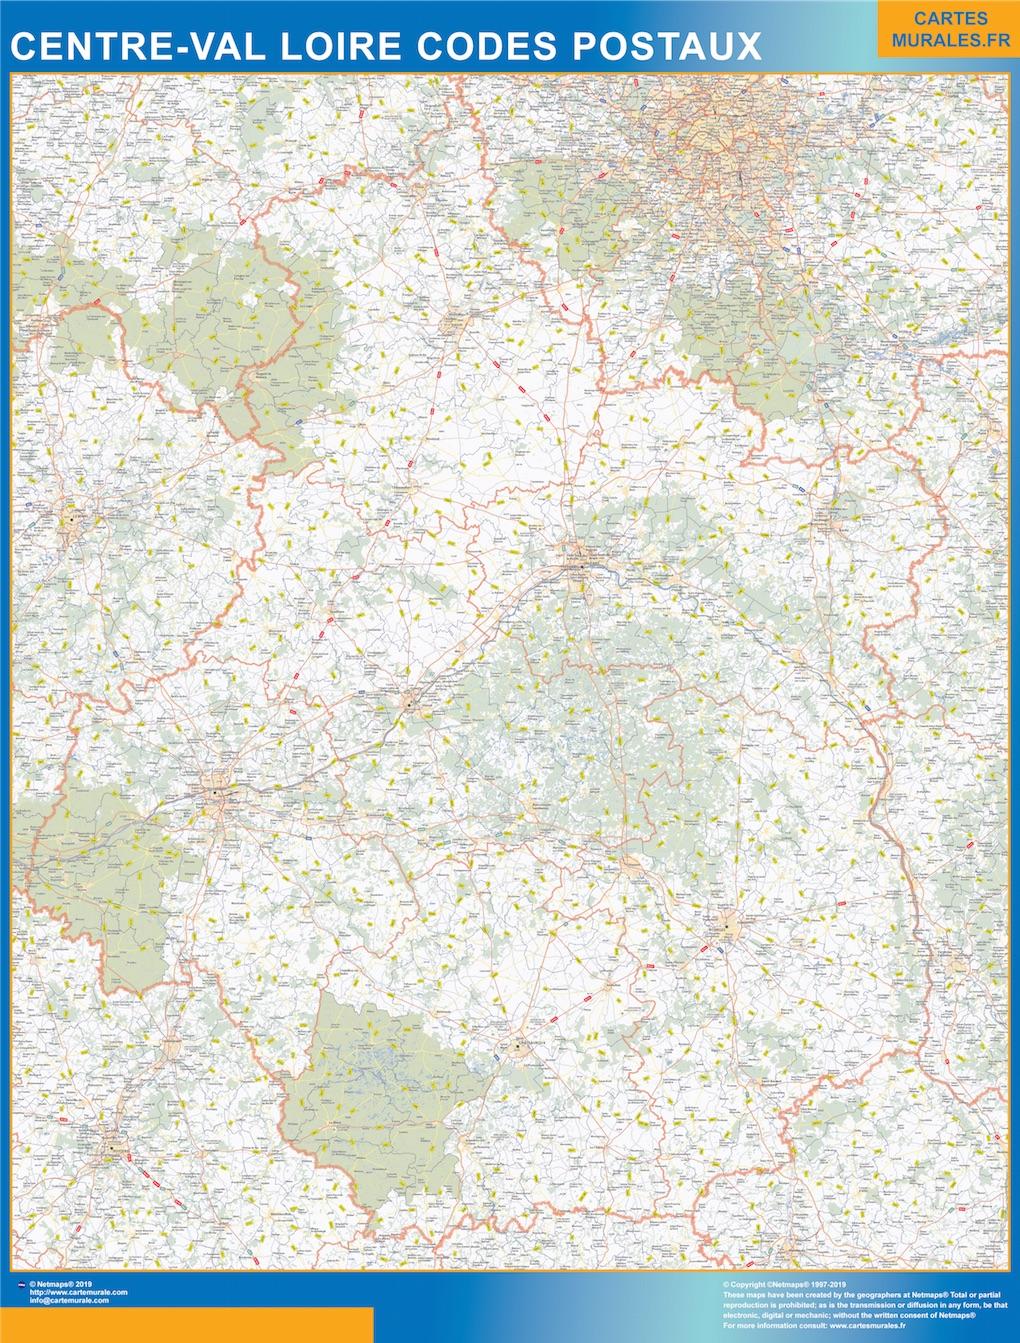 Carte Centre Val Loire codes postaux